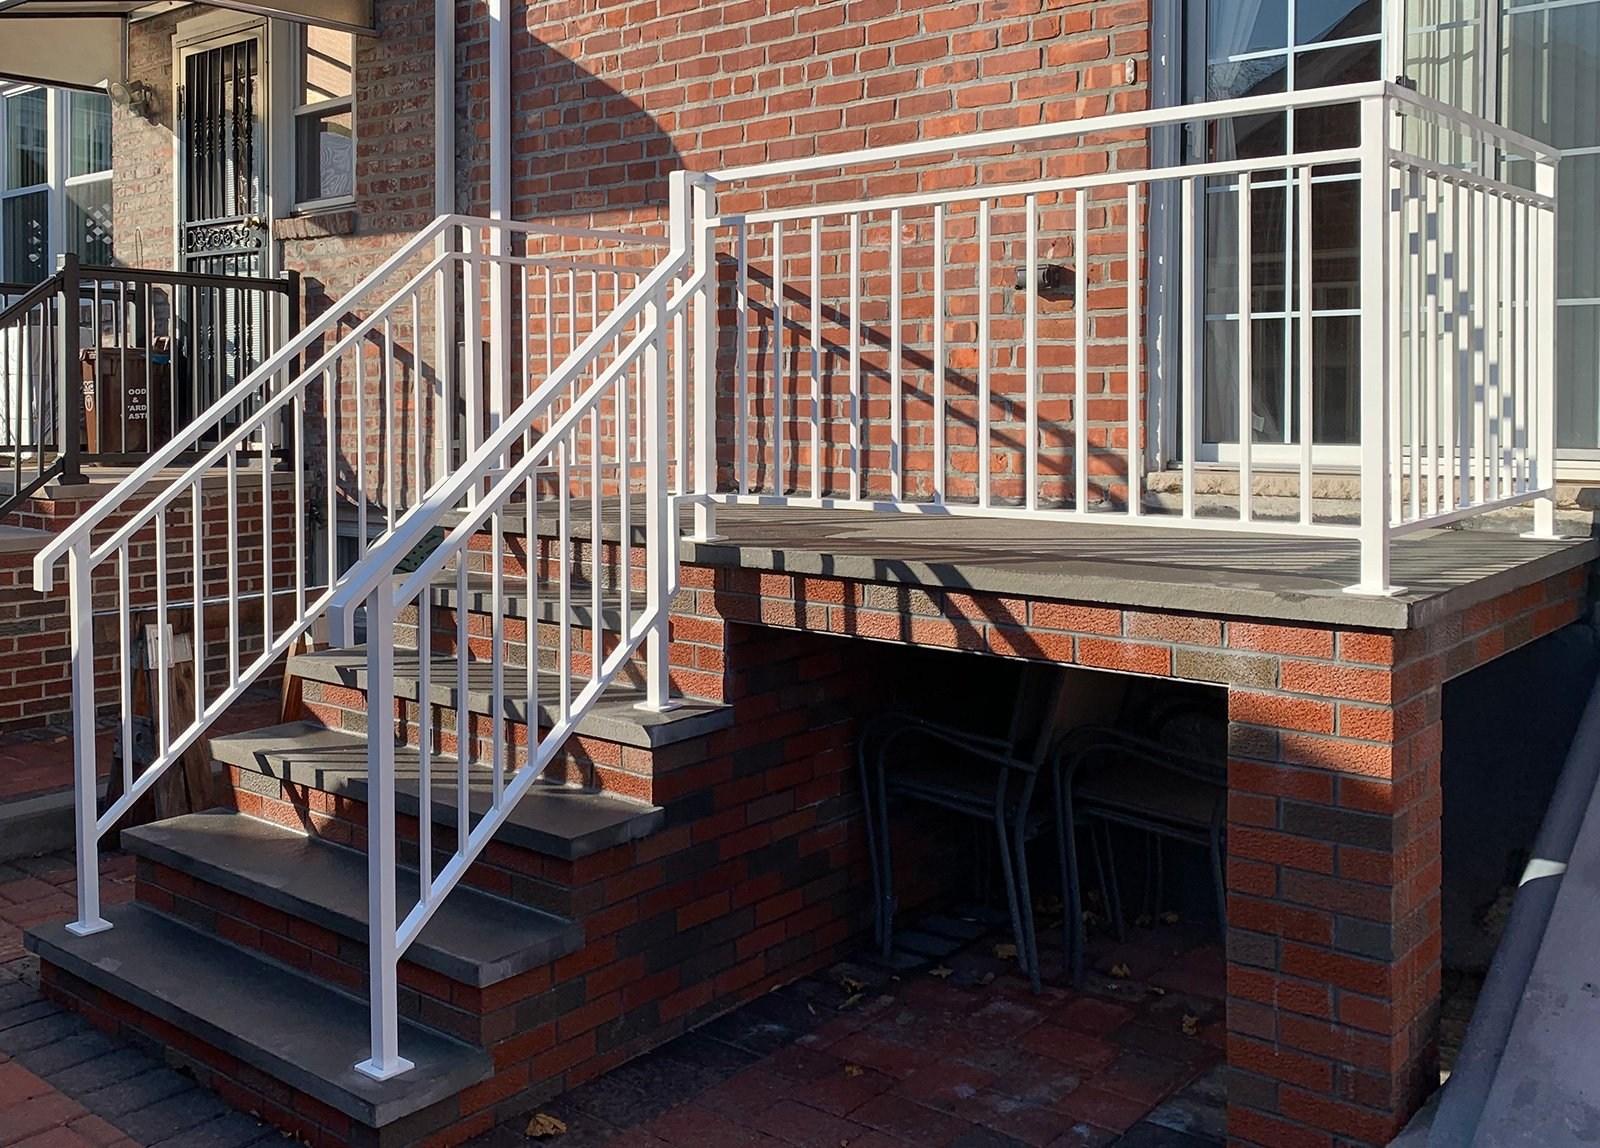 Long Island Custom Railings On Twitter Gloss White Exterior   Long Island Custom Railings   Stair Railing   Aluminum Railings   Stainless Steel   Grano Jr   Staircase